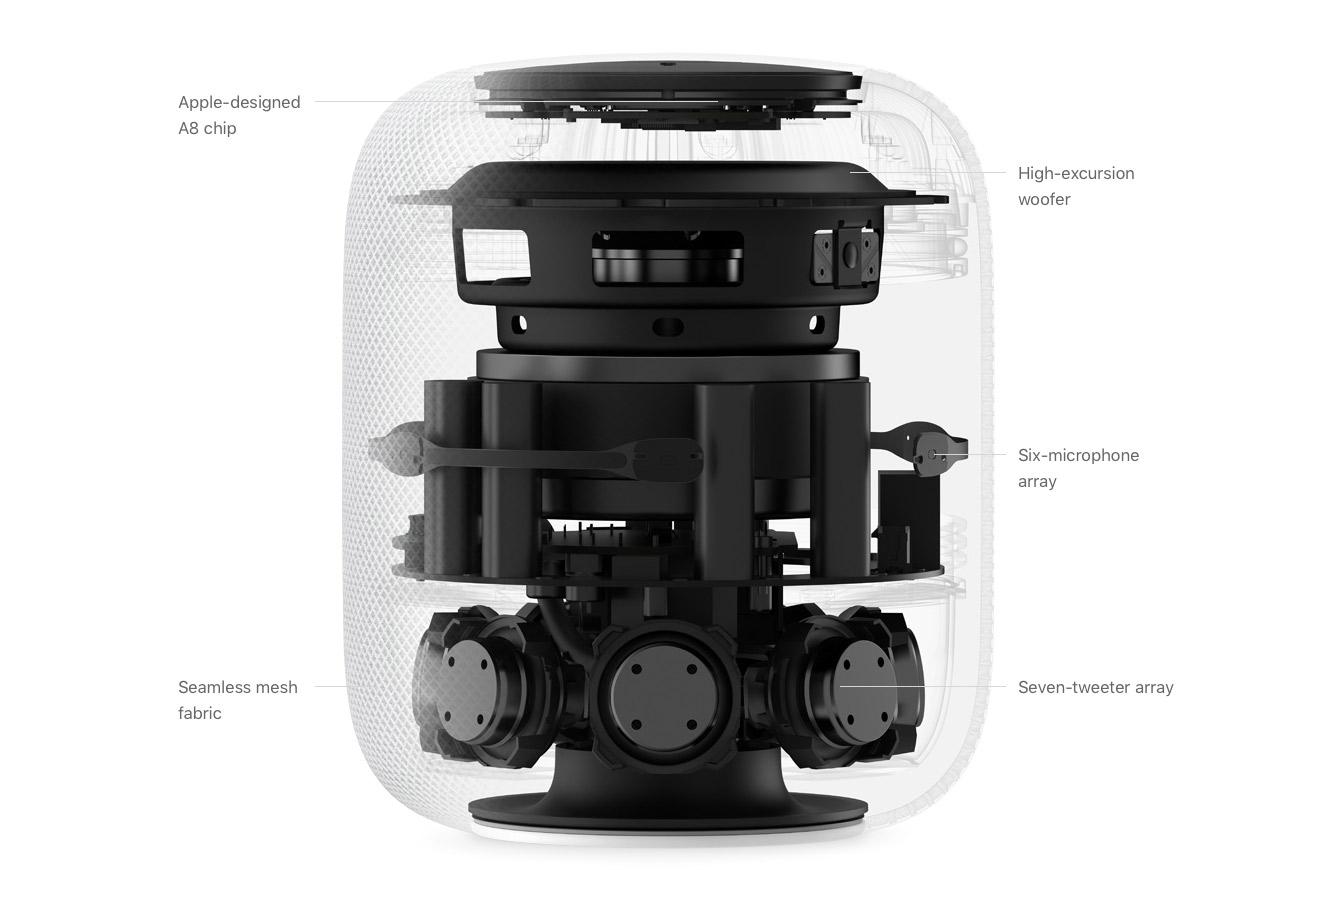 Apple's HomePod speaker has Siri built in